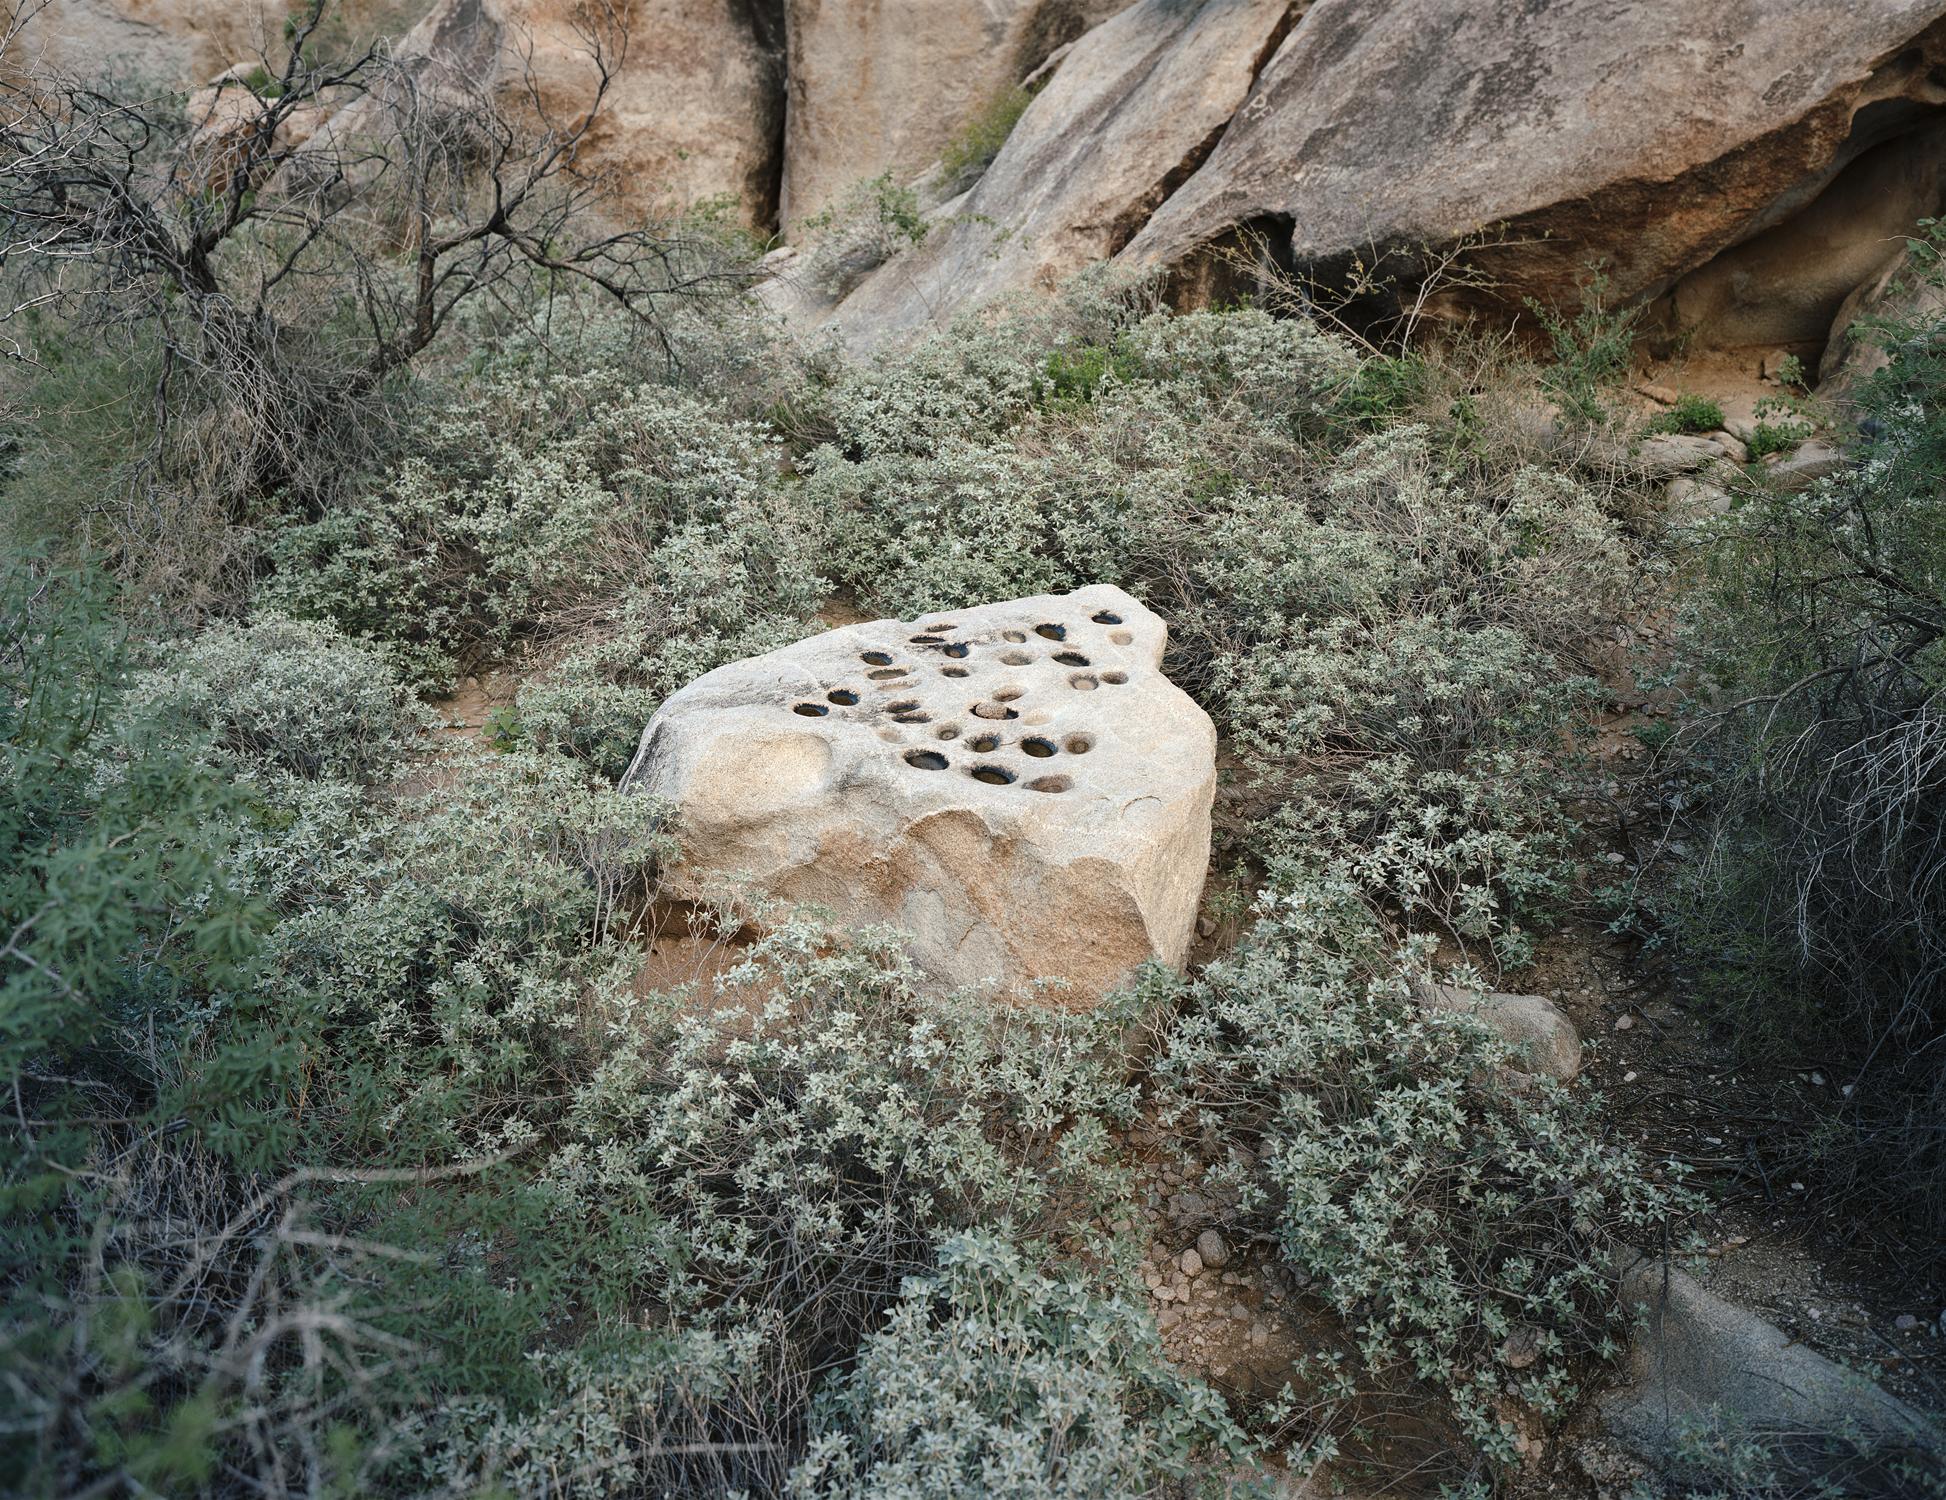 Metate, Tinajas Altas, Arizona